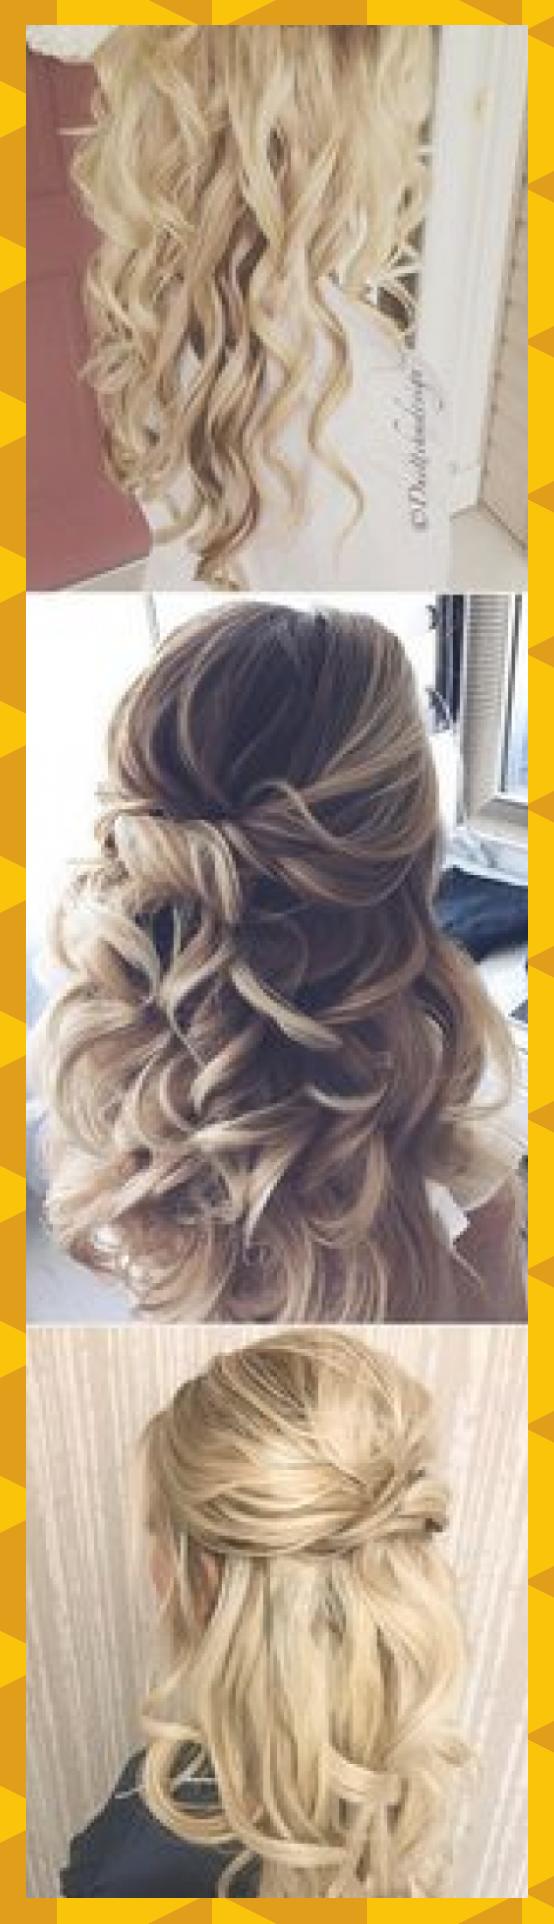 2020 2021 Frisur Ich Mag Diese Trend Top 15 Hochzeitsfrisuren Fur 2017 Trends Emmaloveswedding Short Wedding Hair Braided Hairstyles For Wedding Half Up Hair